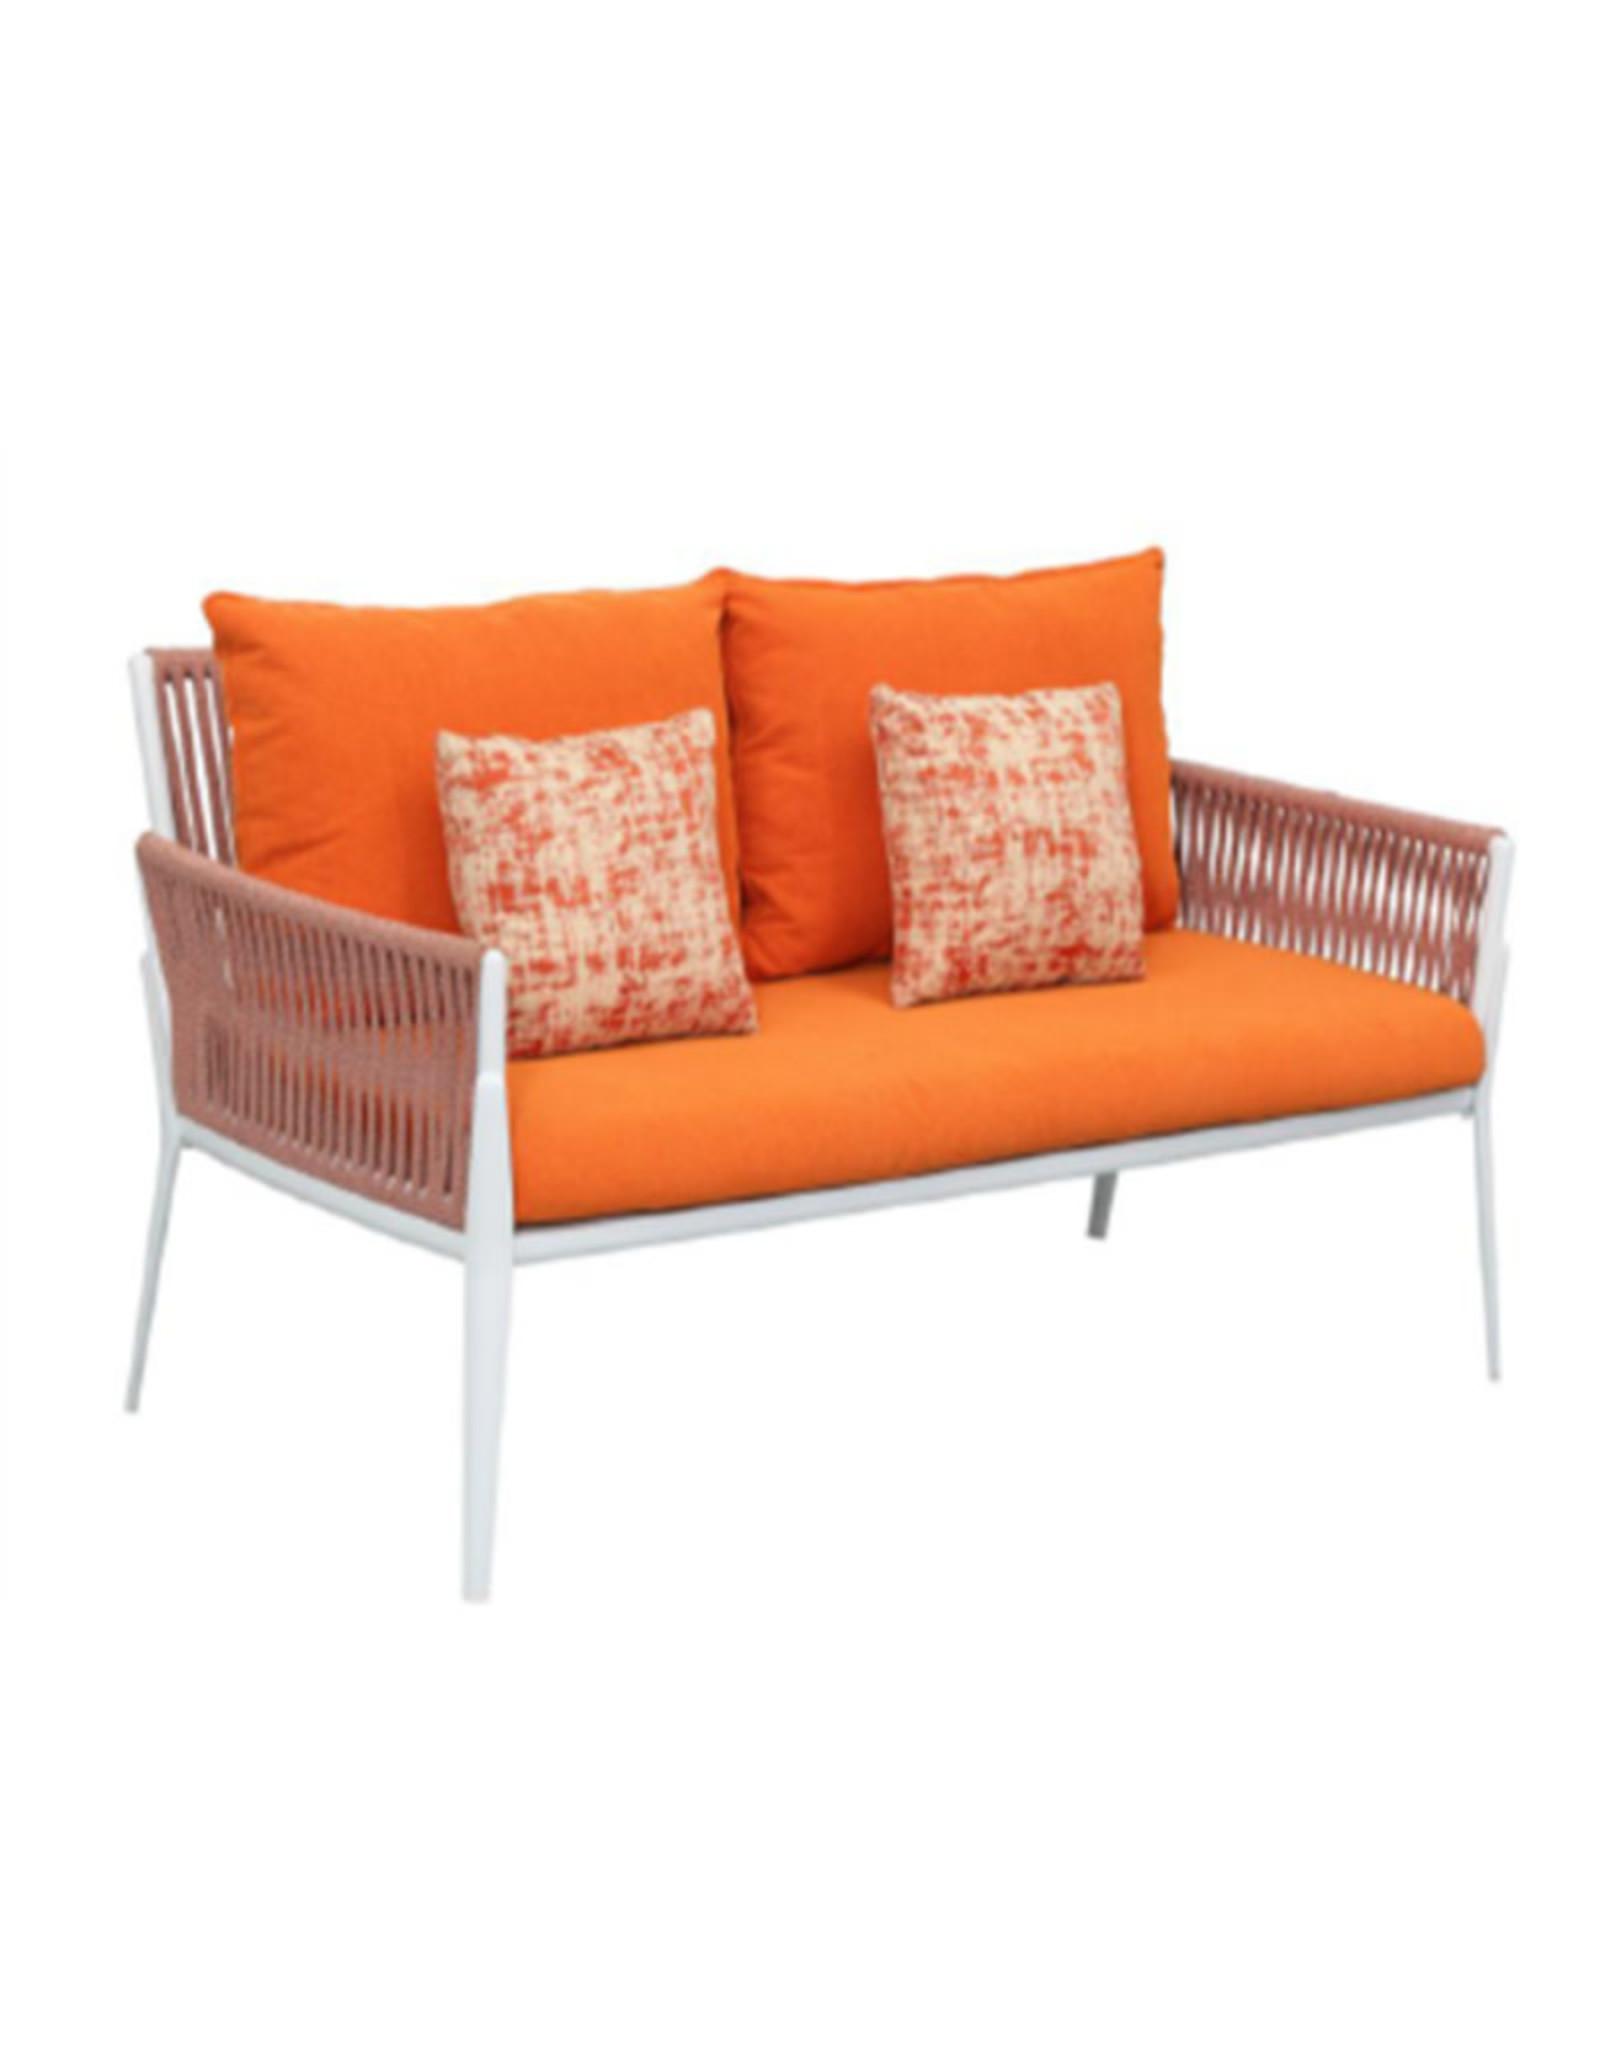 Higold Higold Hestia Two-seater set 142cm white-orange